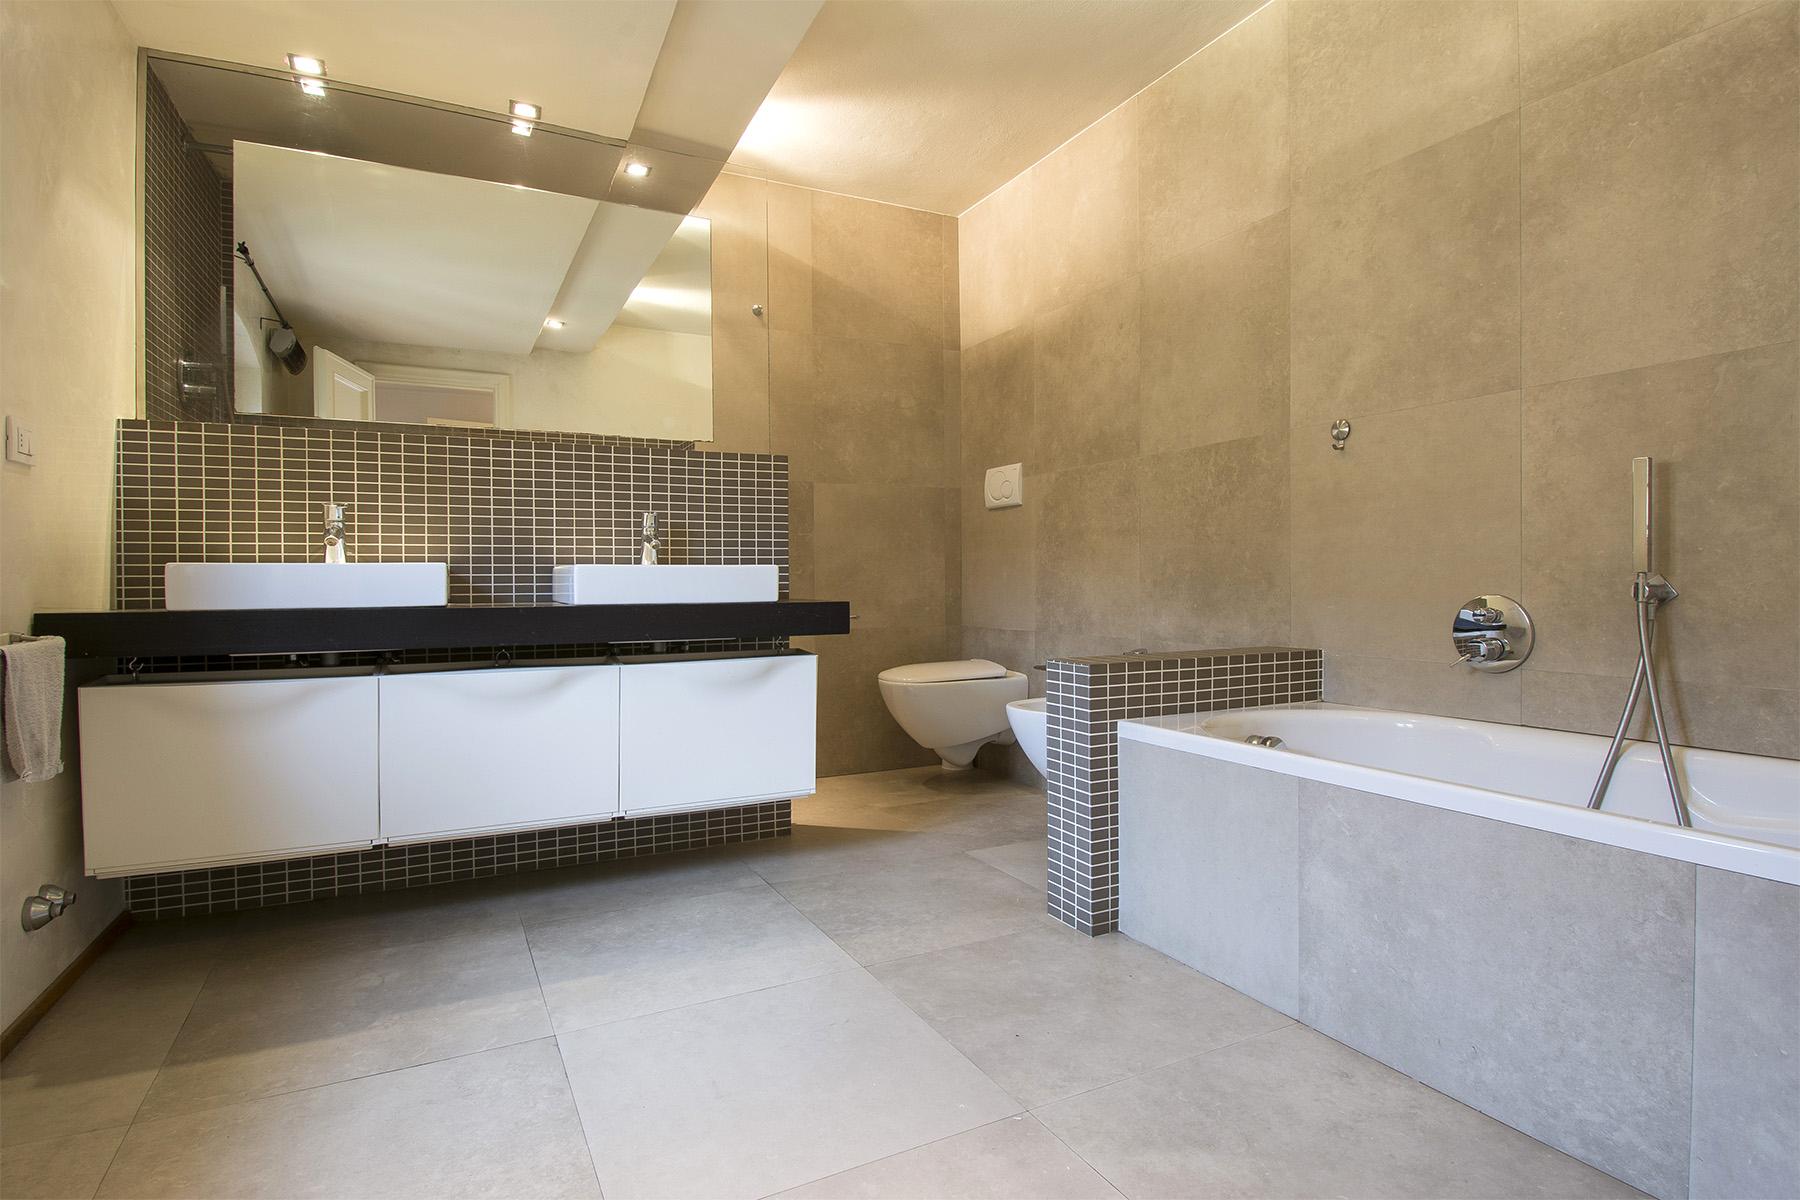 Attico in Affitto a Firenze: 5 locali, 120 mq - Foto 9